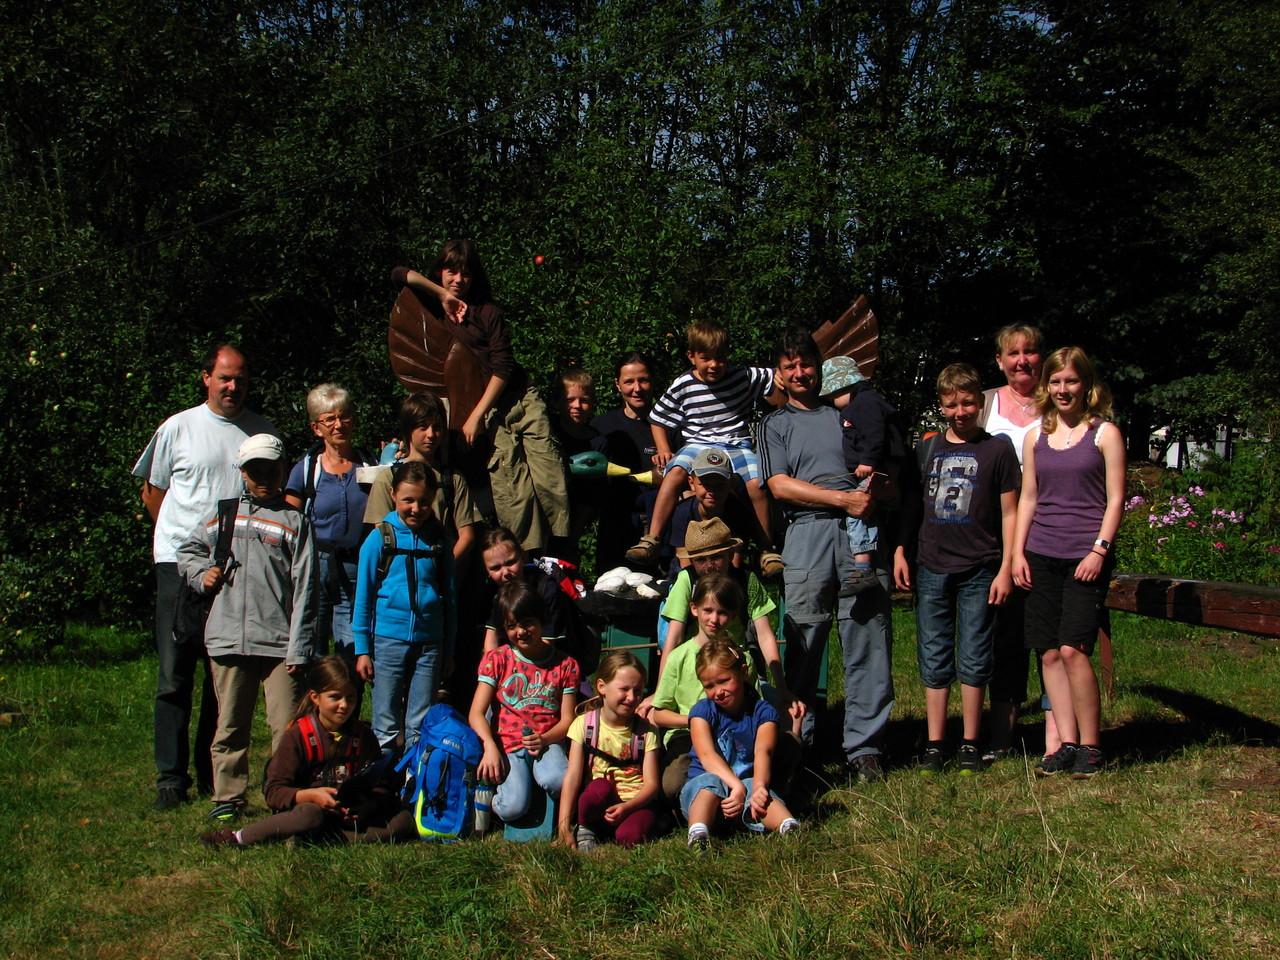 Das Gruppenfoto